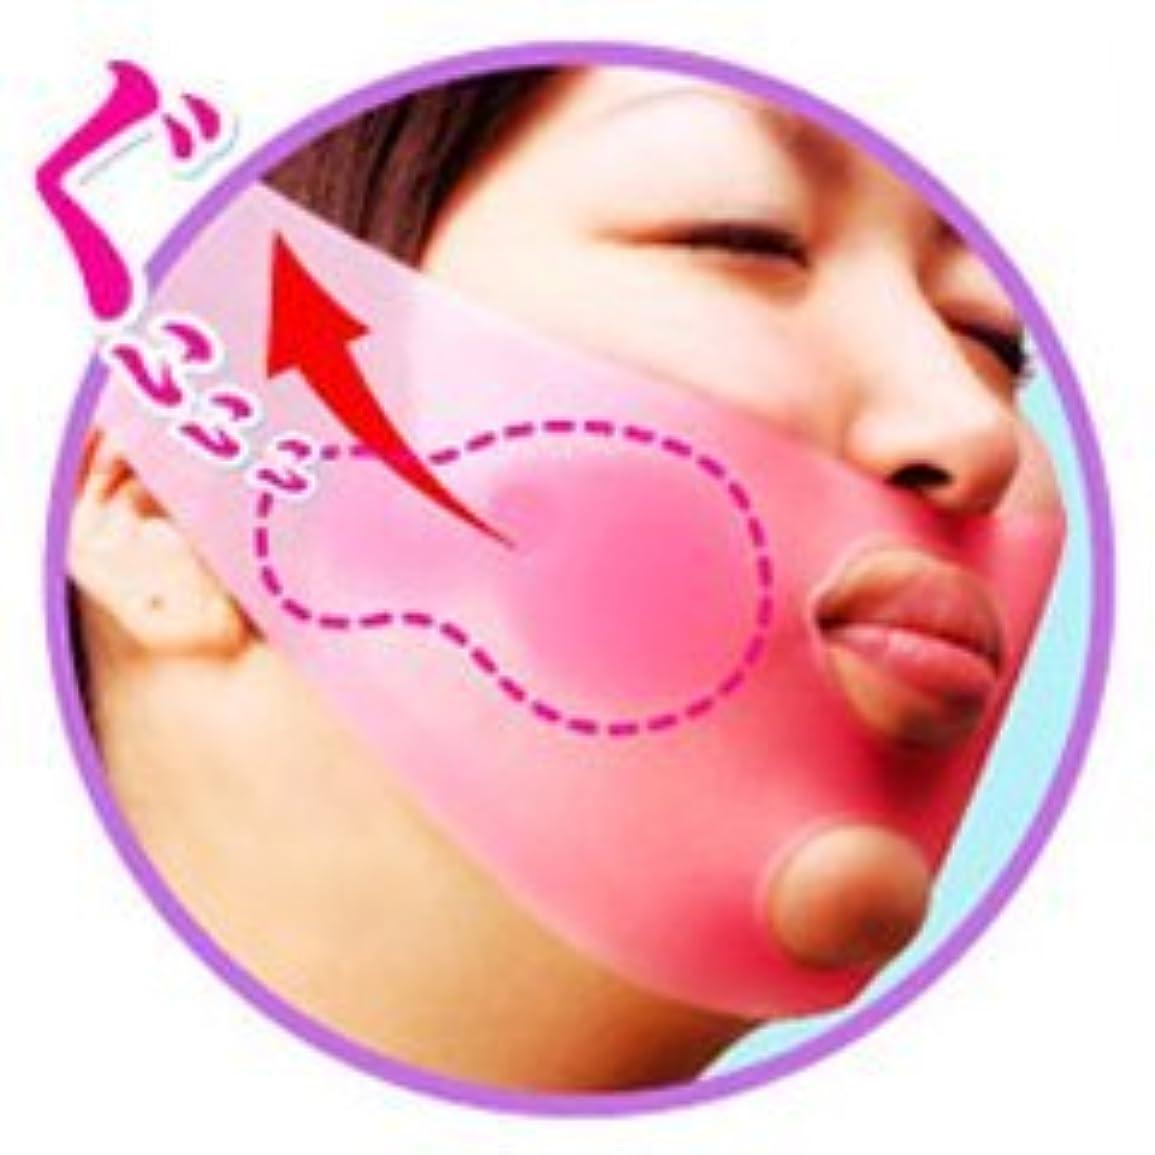 かけがえのない車両規範フェイシャルマスク「揉まれるフェイスマスク」